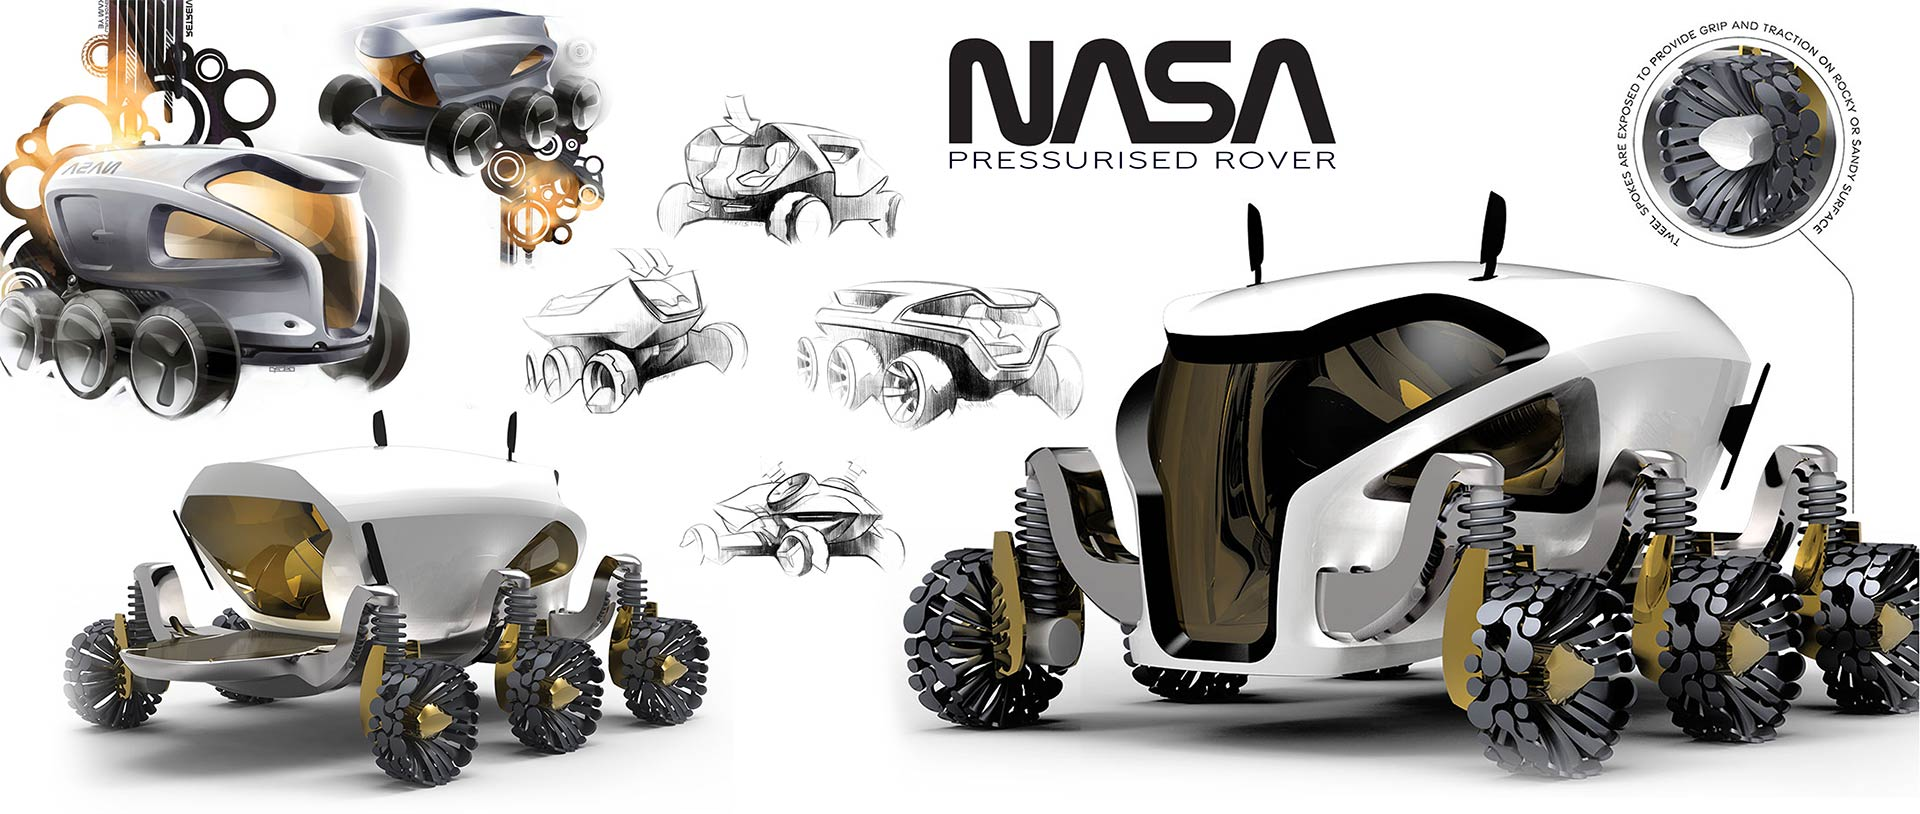 nasa_rover